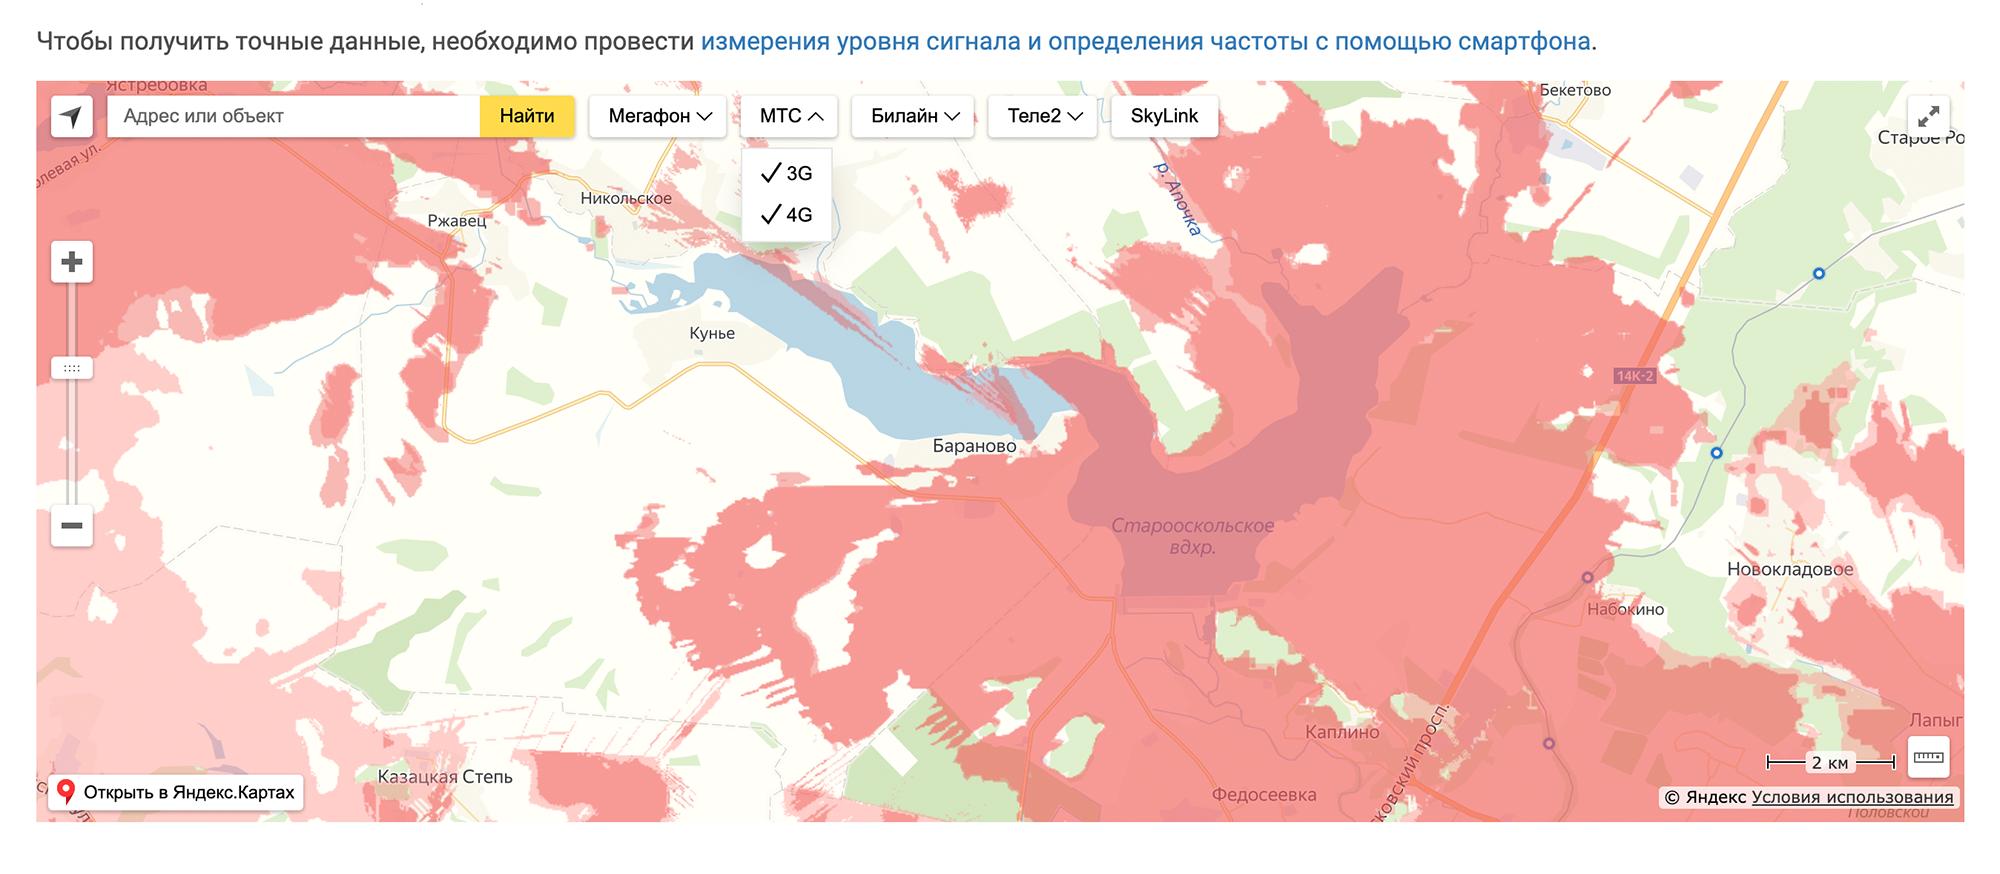 На сайте «Ситком» можно проверить зону покрытия мобильного интернета разных операторов. Так выглядит зона покрытия МТС 3G и 4G в окрестностях моего села. Чем ярче оттенок красного, тем сильнее сигнал. Самый темный цвет означает 4G